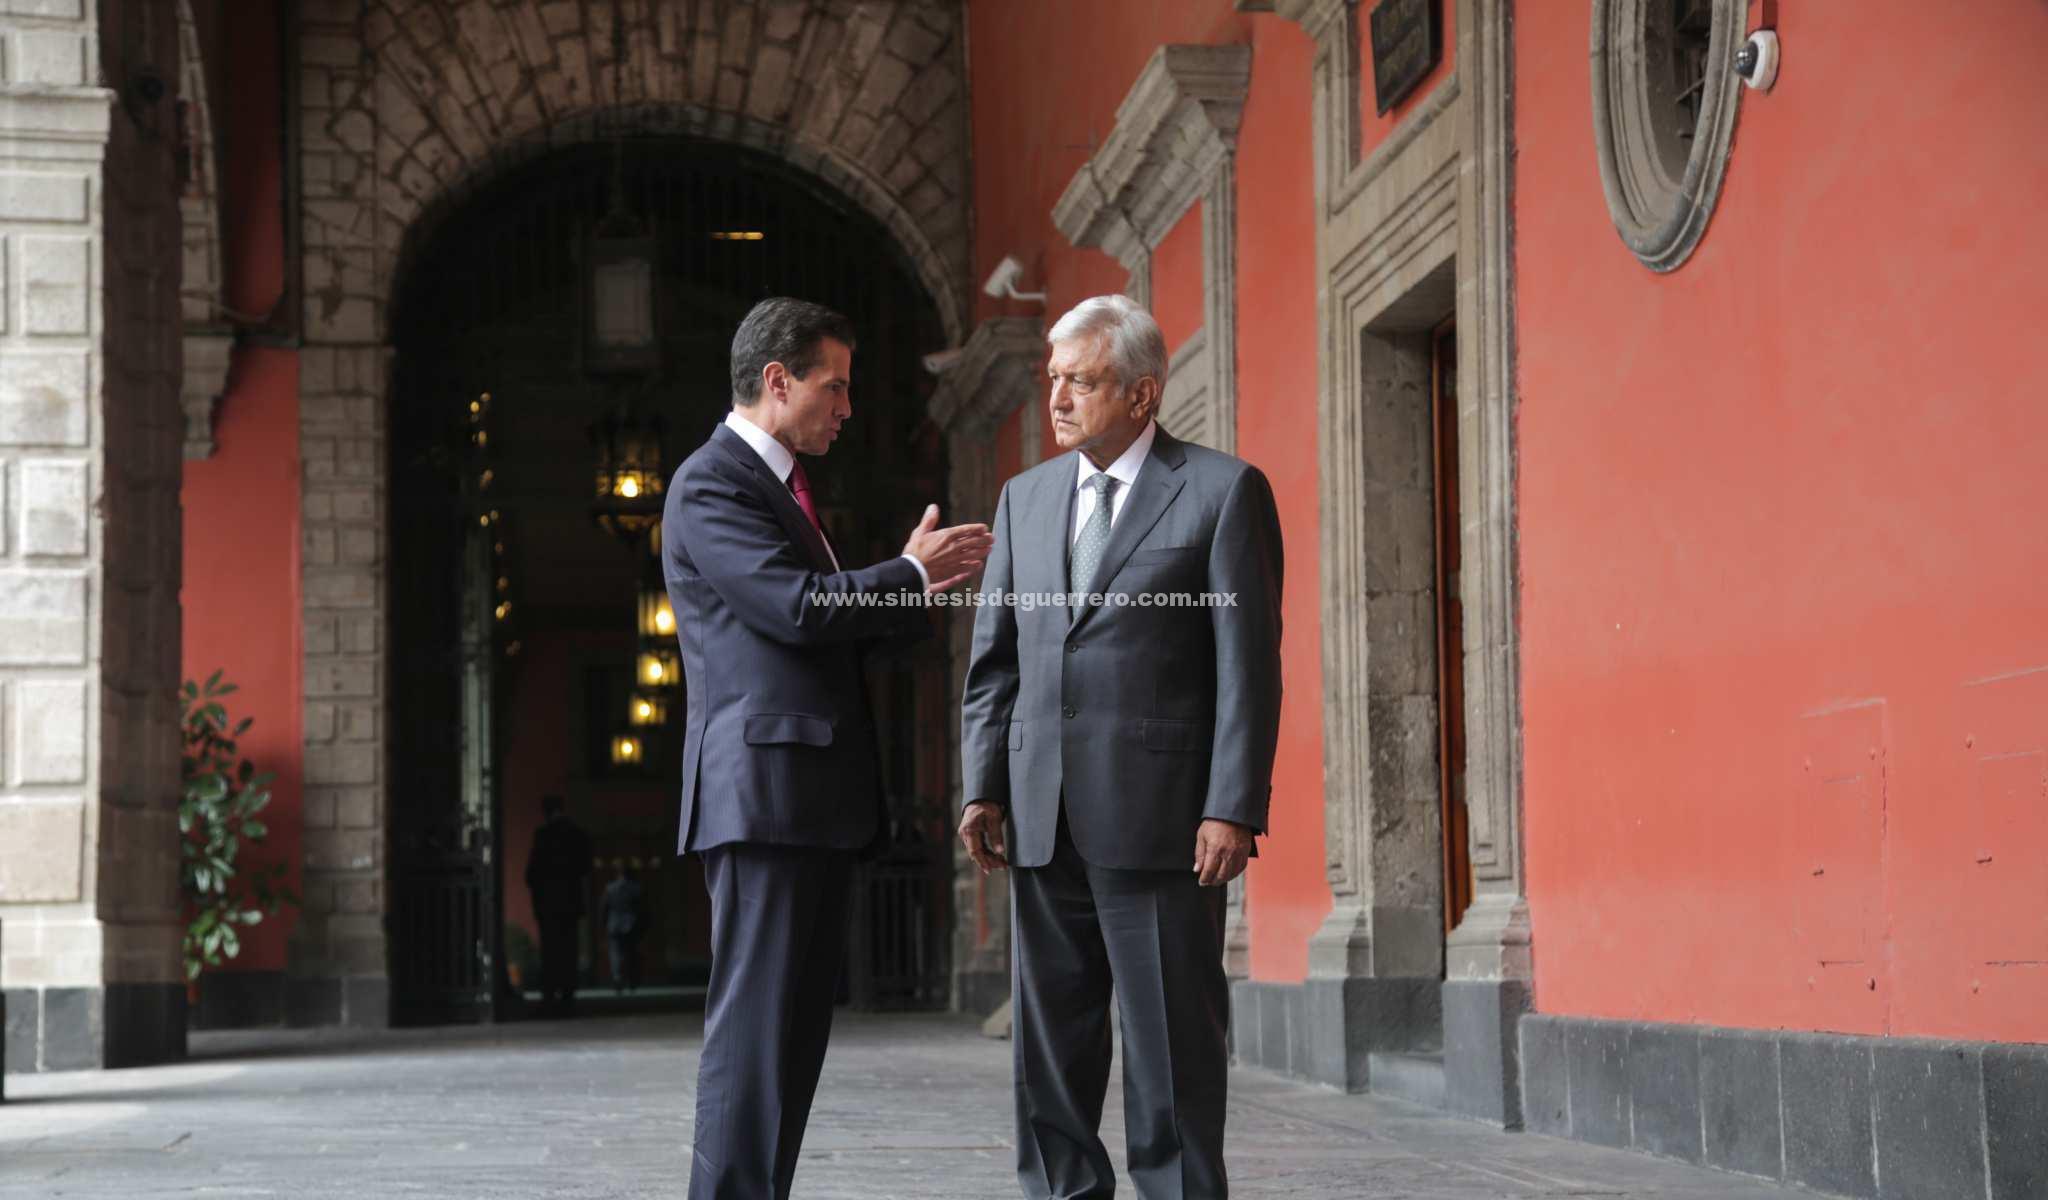 El revés que Peña Nieto aún puede darle a AMLO, ¿lo hará?